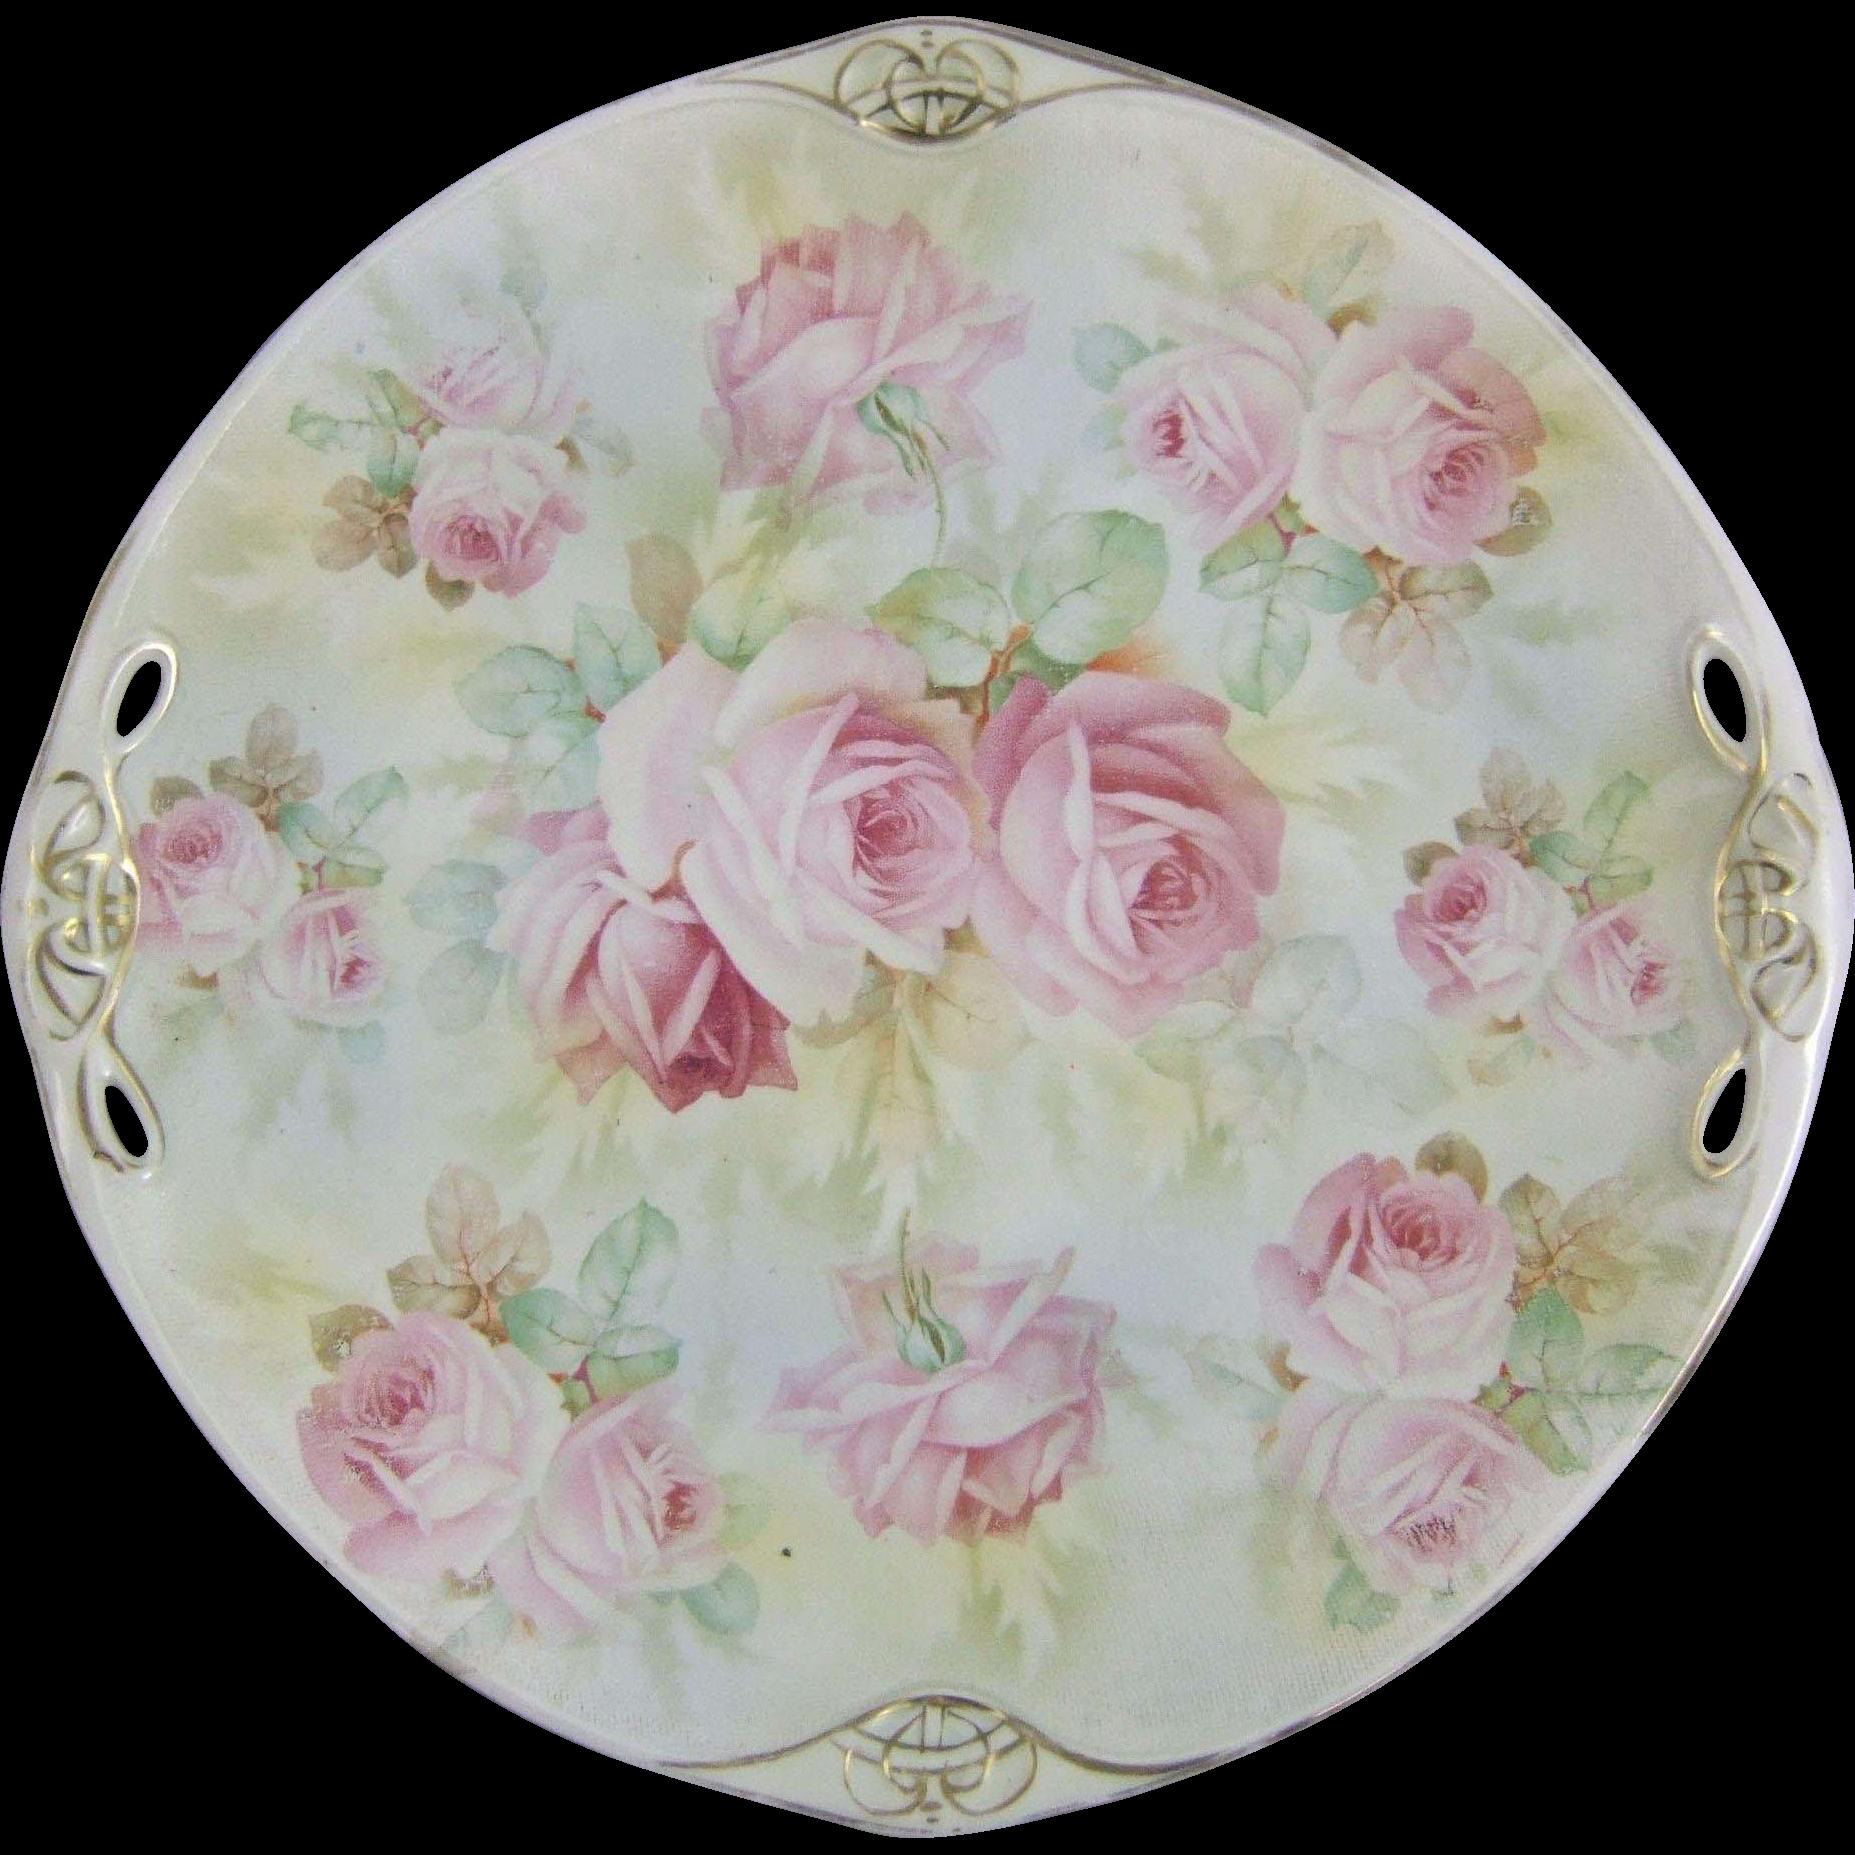 royal bayreuth rose tapestry porcelain dessert cake serving plate green country estates. Black Bedroom Furniture Sets. Home Design Ideas